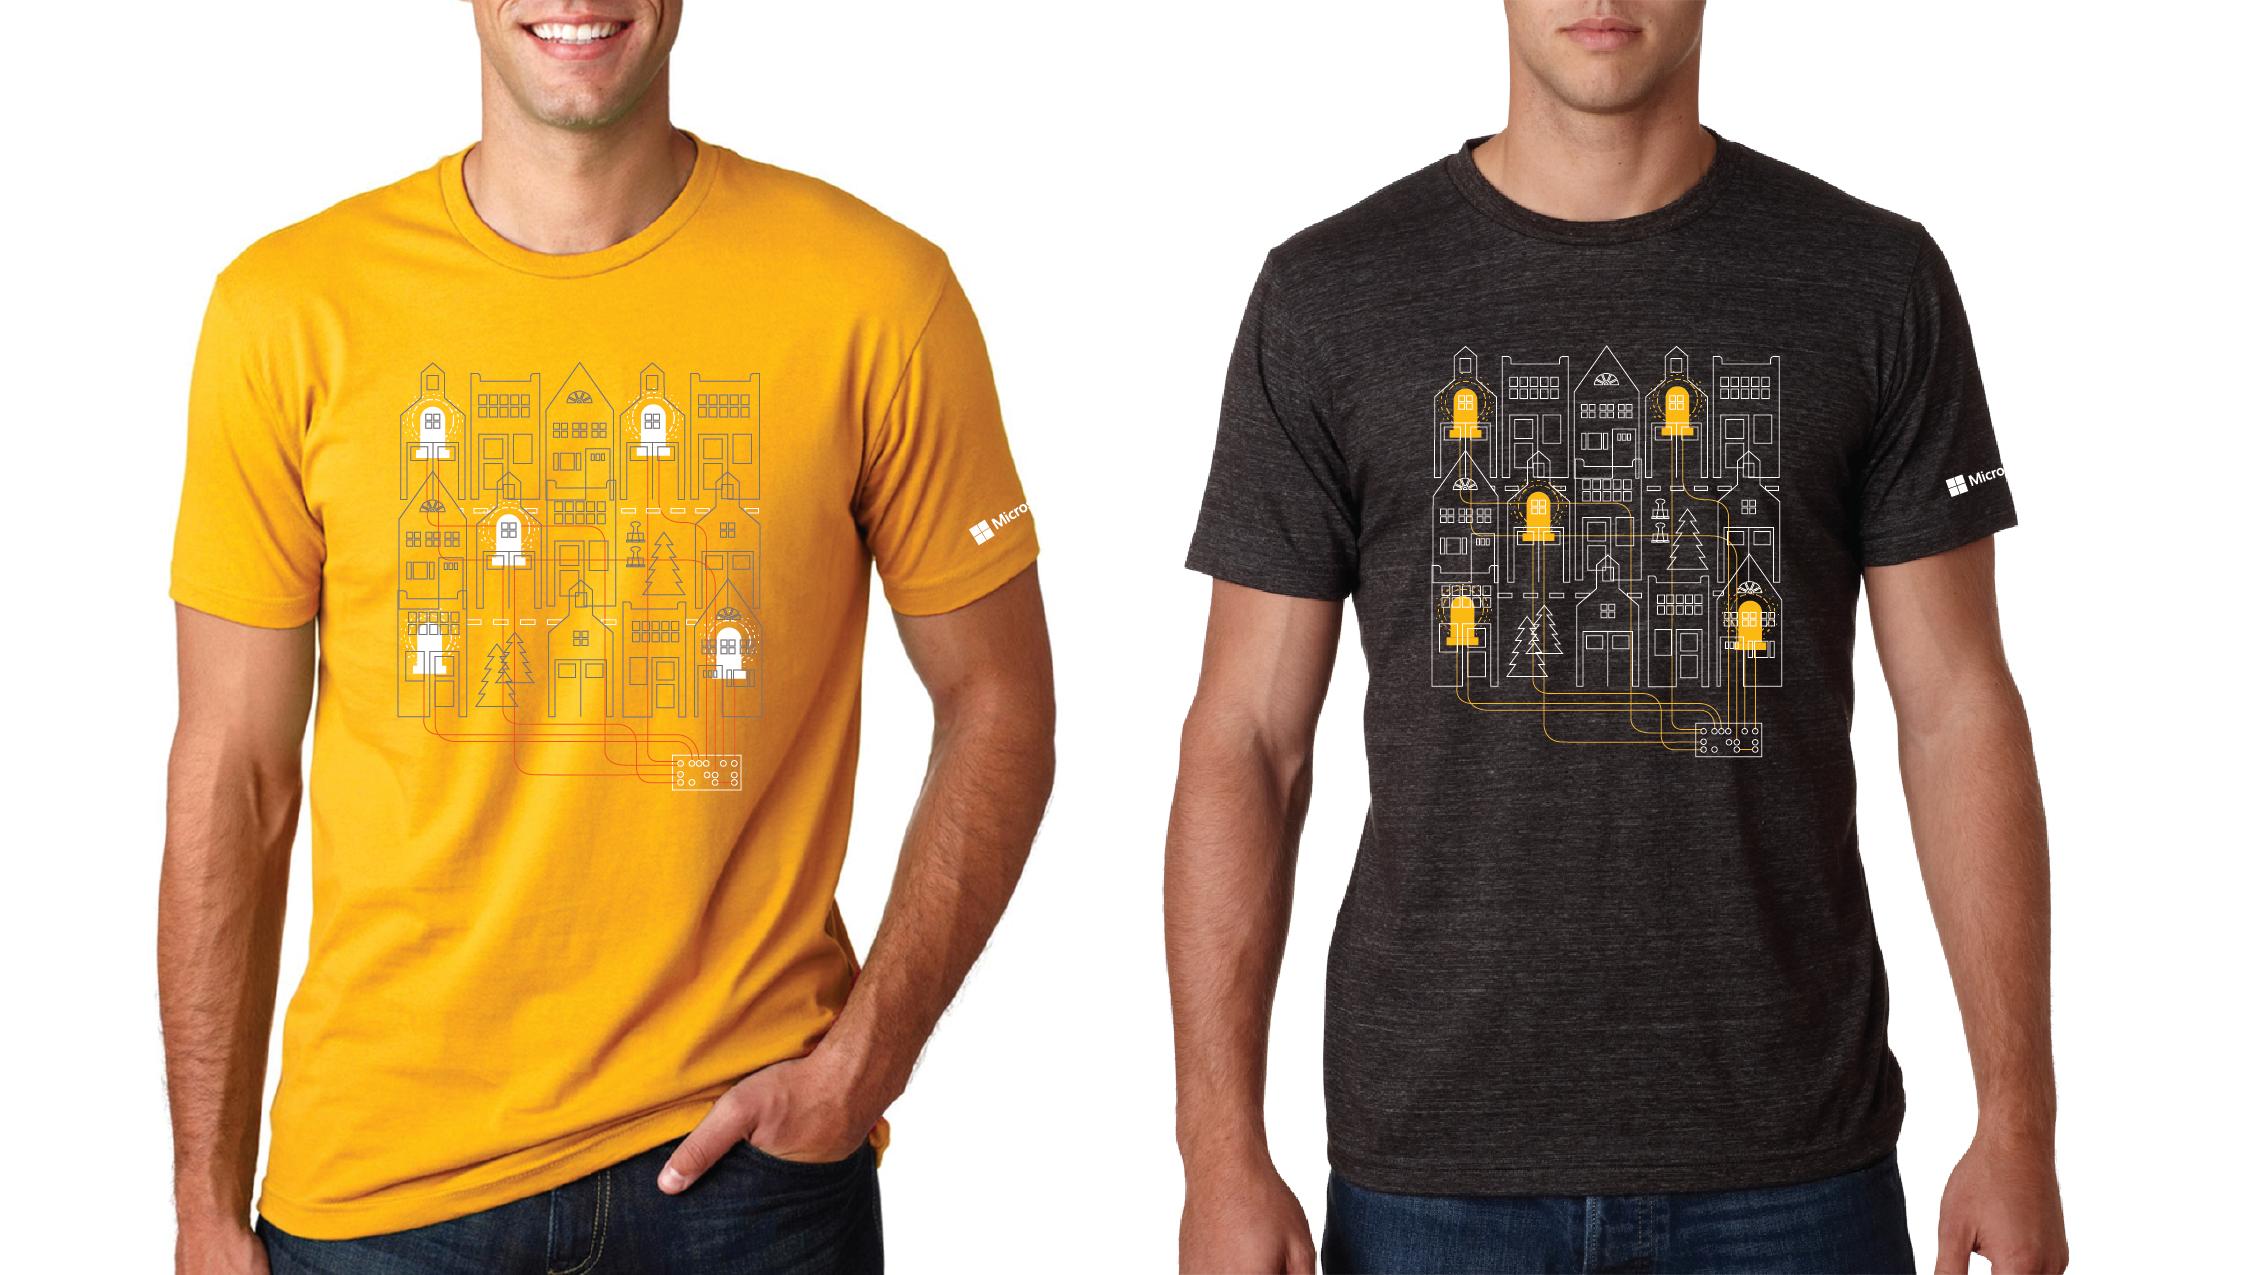 Hacking STEM t-shirt